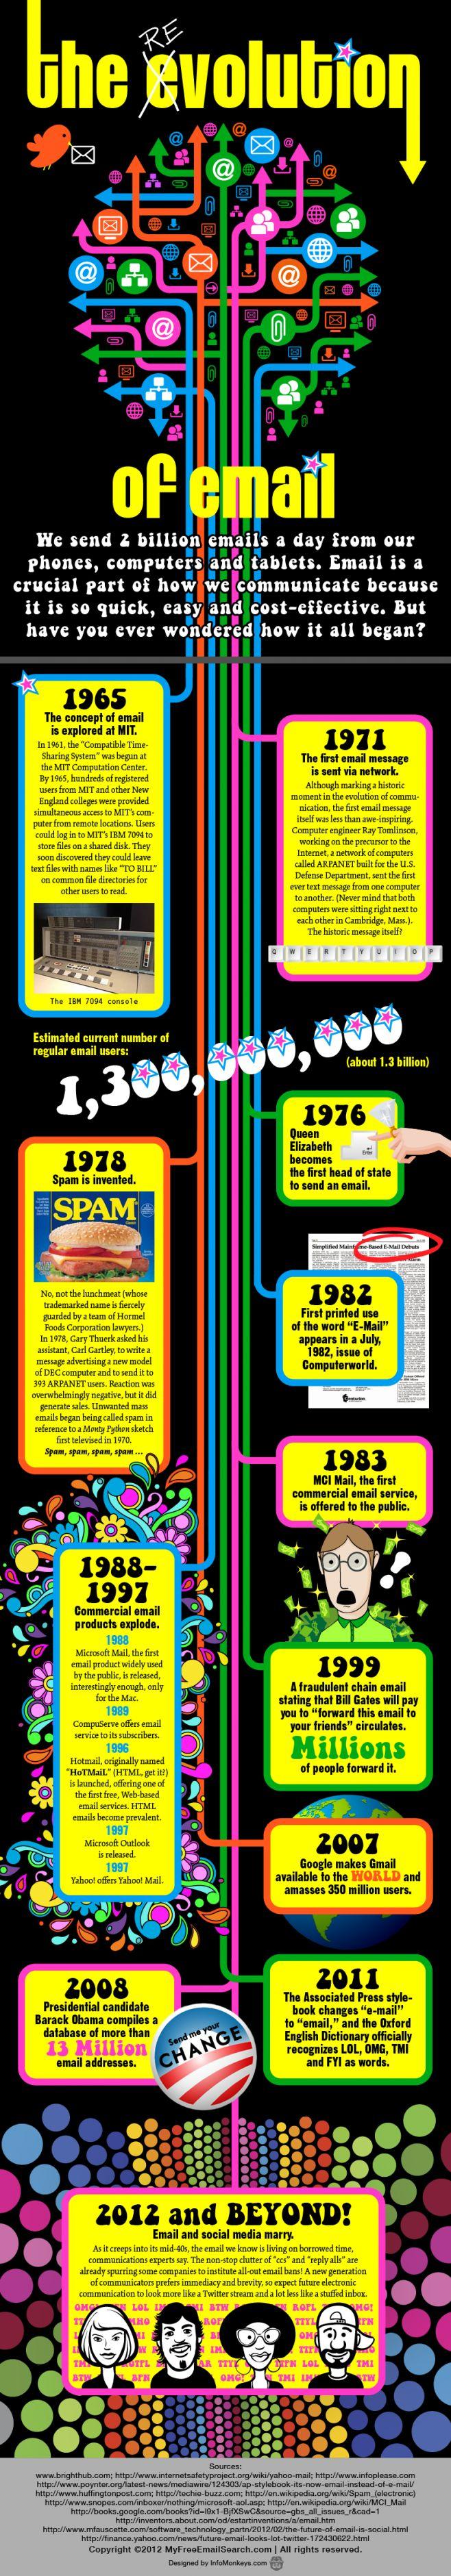 revolucionemail La (r)evolución del Email